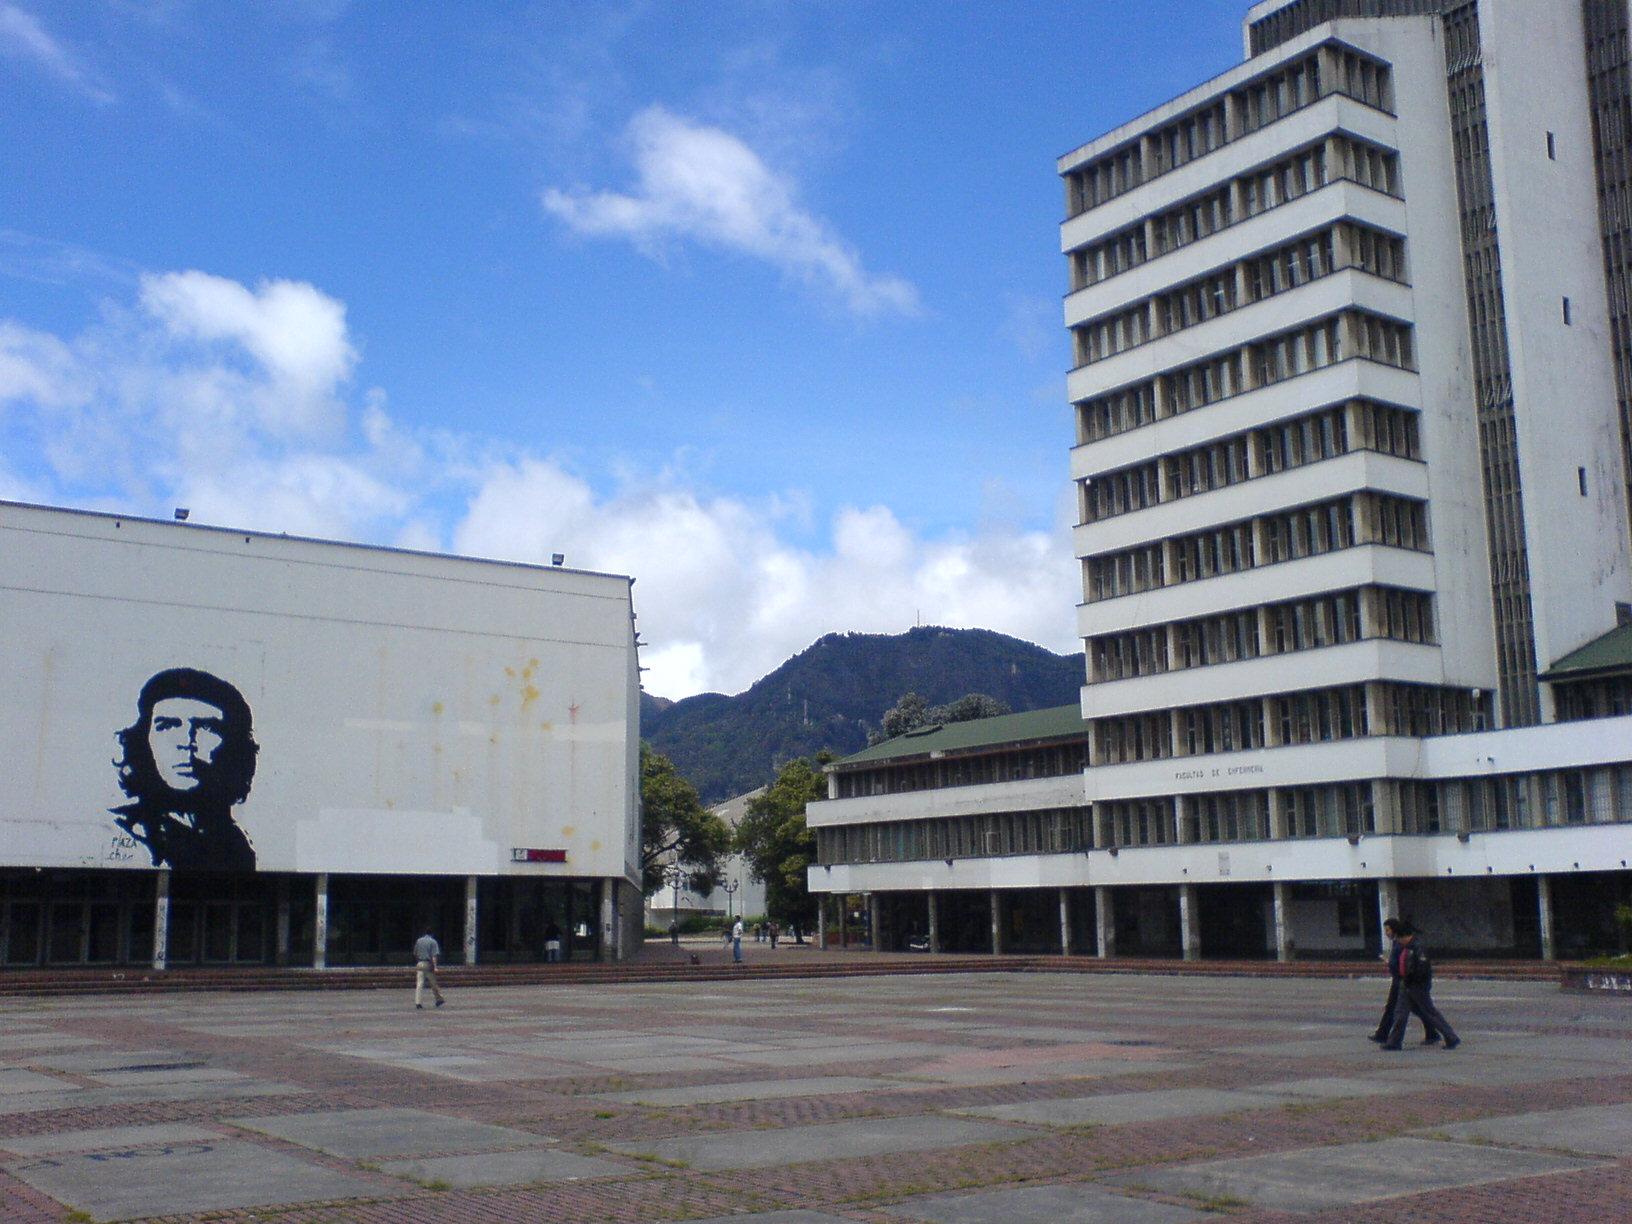 Mural en la plaza principal de la Universidad Nacional de Colombia, llamada Plaza Santander, pero conocida generalmente como Plaza Che, en Bogotá (Colombia).